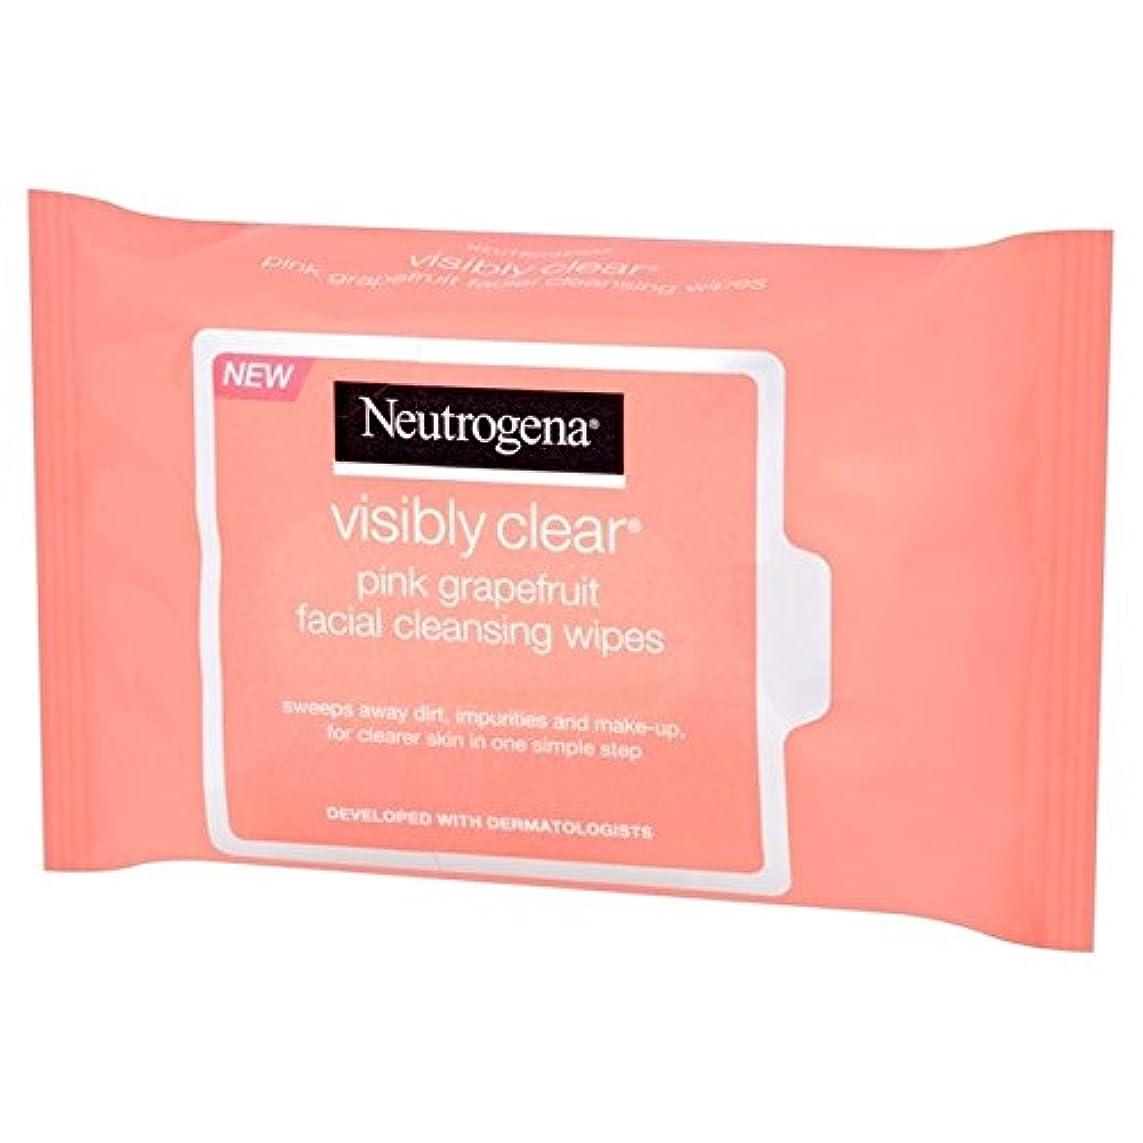 問い合わせ子供達ドレスニュートロジーナ目に見えて明らかピンクグレープフルーツは、パックごとに25ワイプ x2 - Neutrogena Visibly Clear Pink Grapefruit Wipes 25 per pack (Pack...